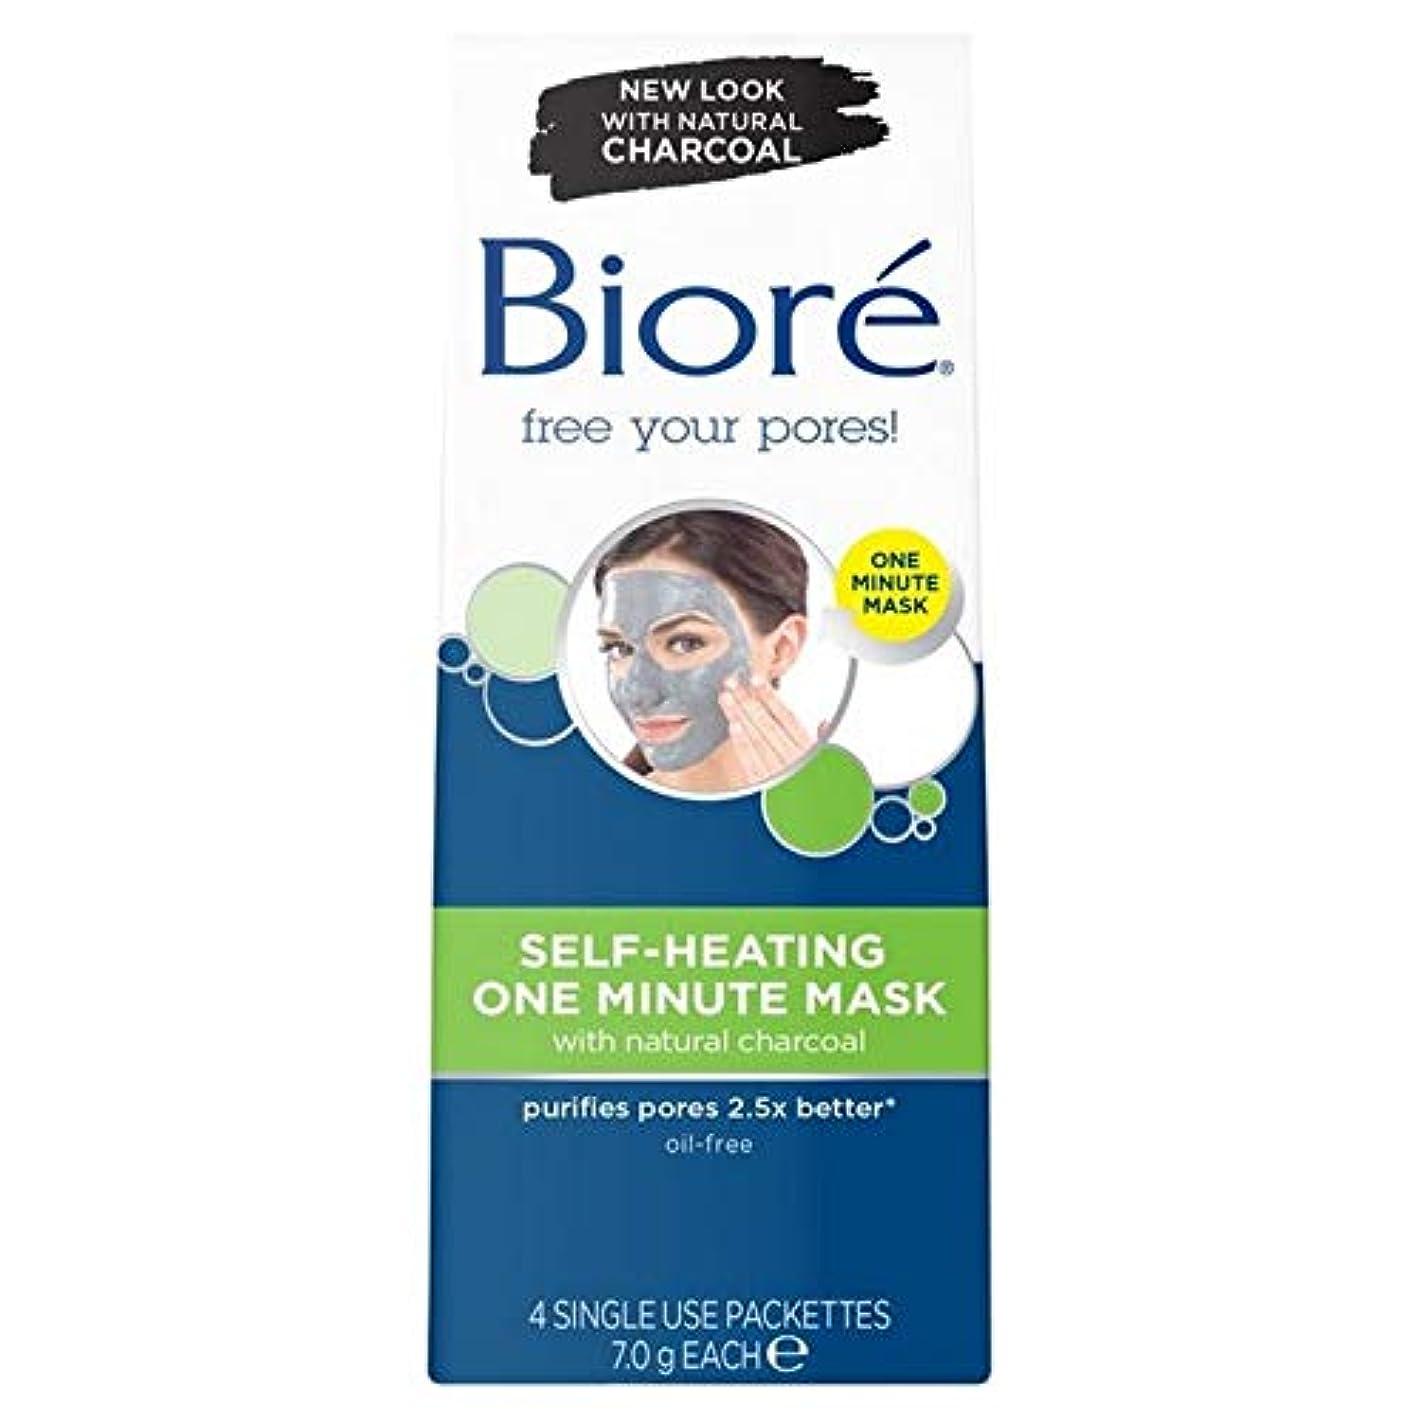 一般的に競合他社選手あいまいな[Biore] ビオレ自己発熱1分マスク4×7グラム - Biore Self Heating One Minute Mask 4 x 7g [並行輸入品]